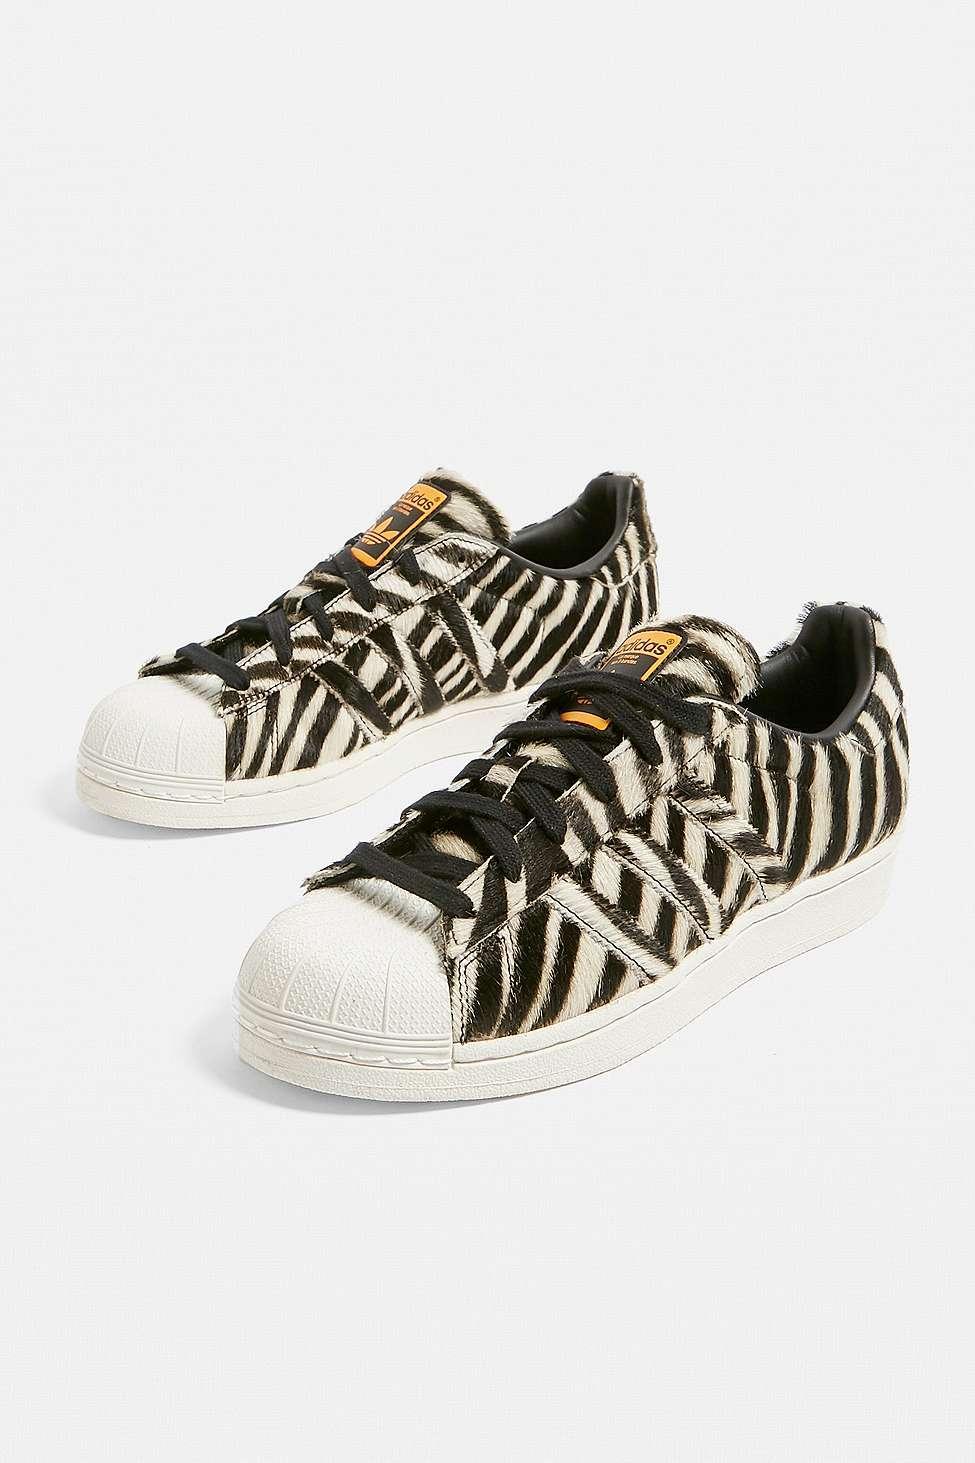 adidas zebra print - 59% remise - www